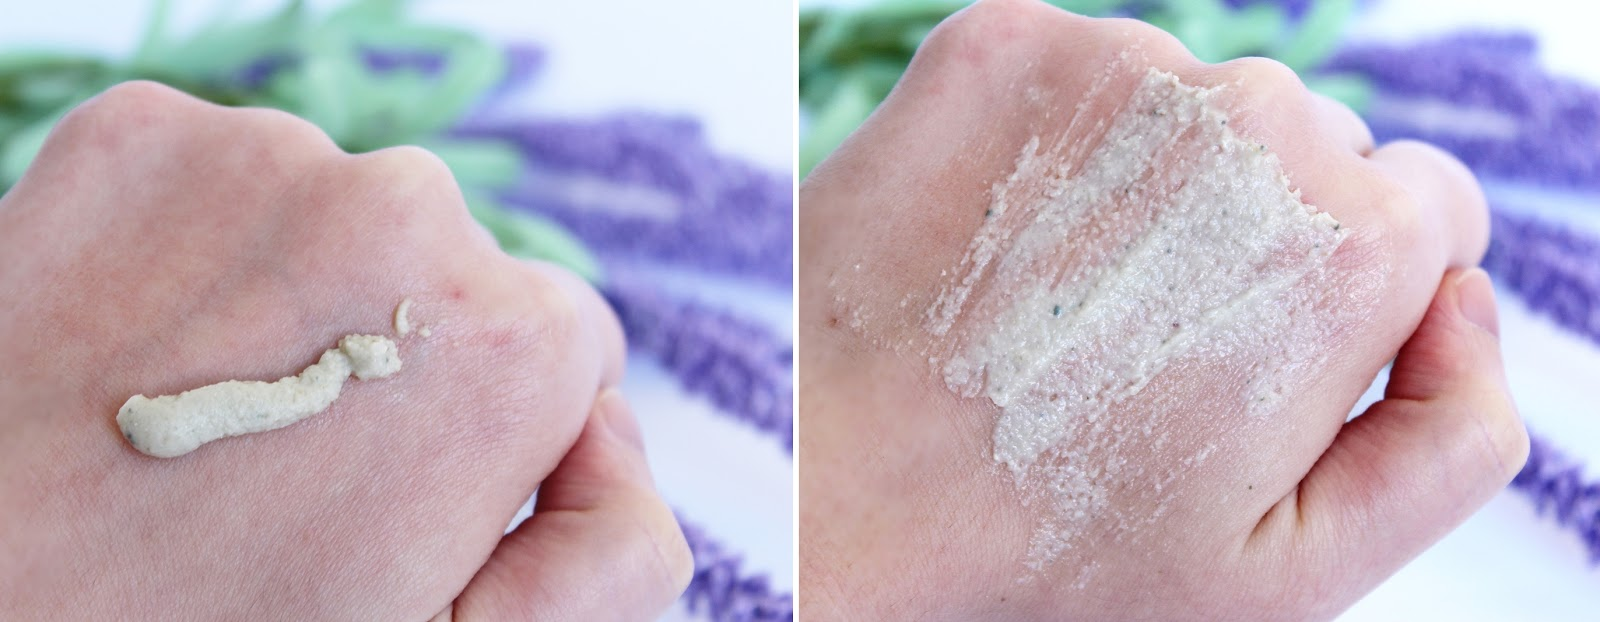 Nourish, Kale Enzymatic Exfoliating Cleanser, czyli oczyszczający peeling enzymatyczny z ekstraktem z jarmużu